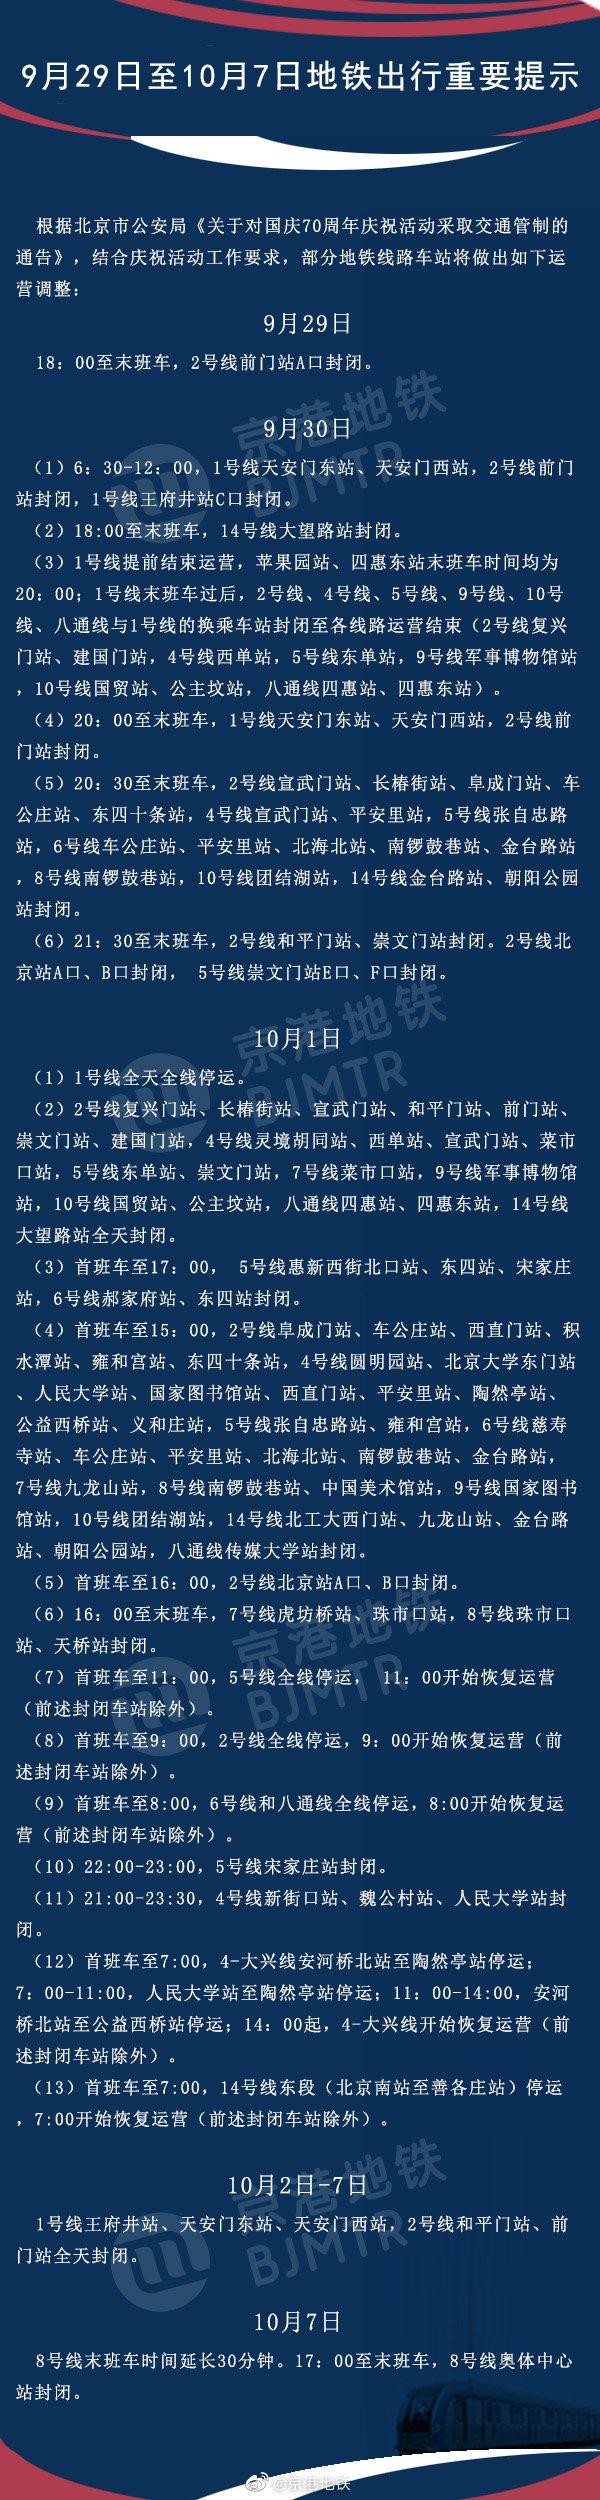 乐业党政网9月29日至10月7日北京部